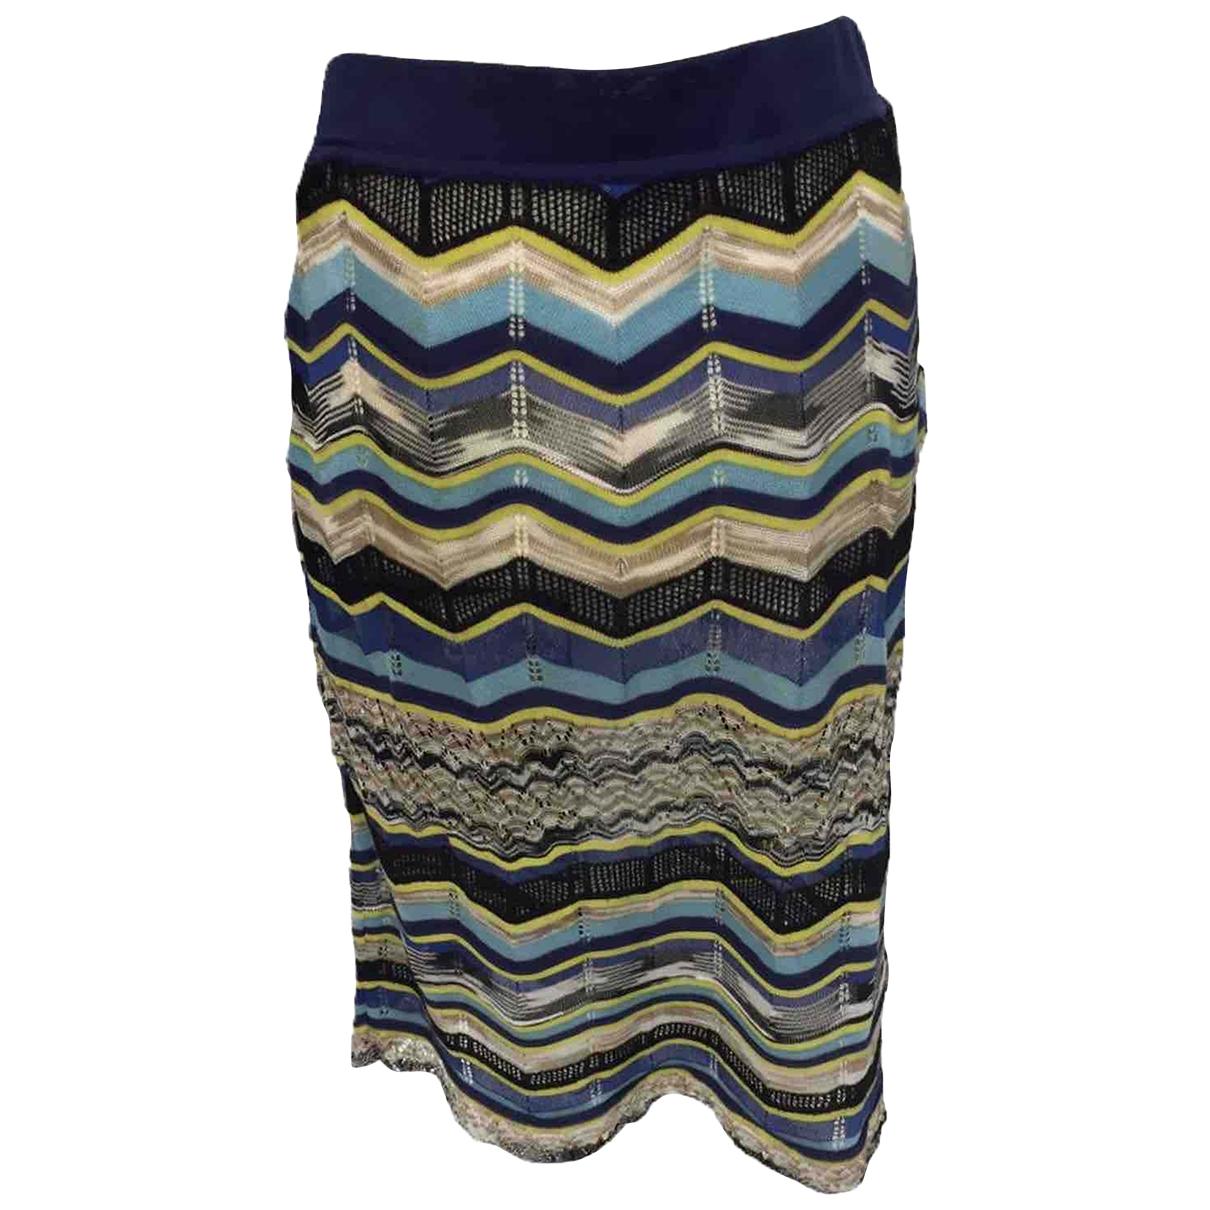 Missoni \N Multicolour skirt for Women 44 IT